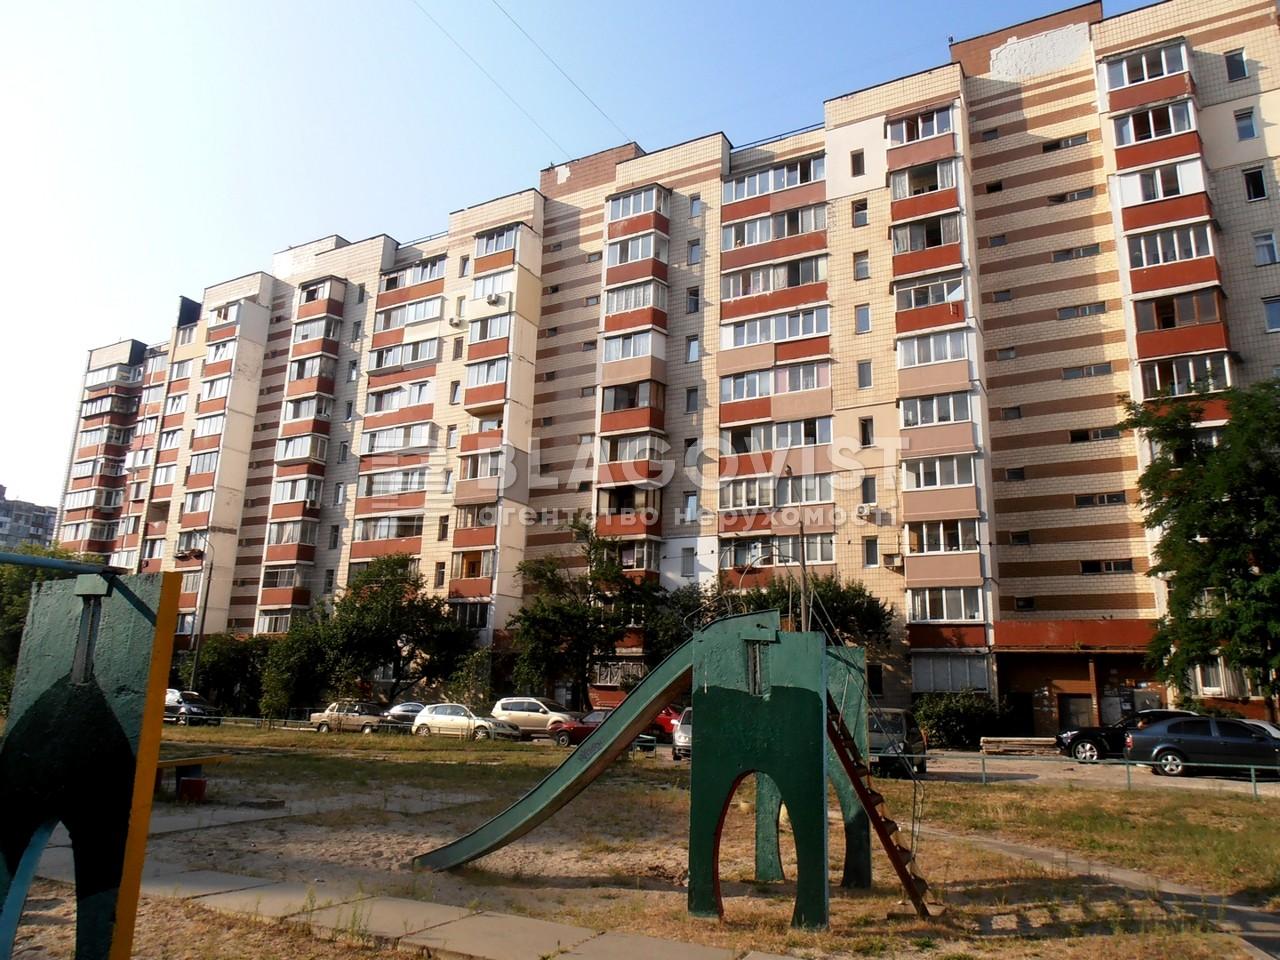 Квартира R-37882, Маяковского Владимира просп., 65, Киев - Фото 2